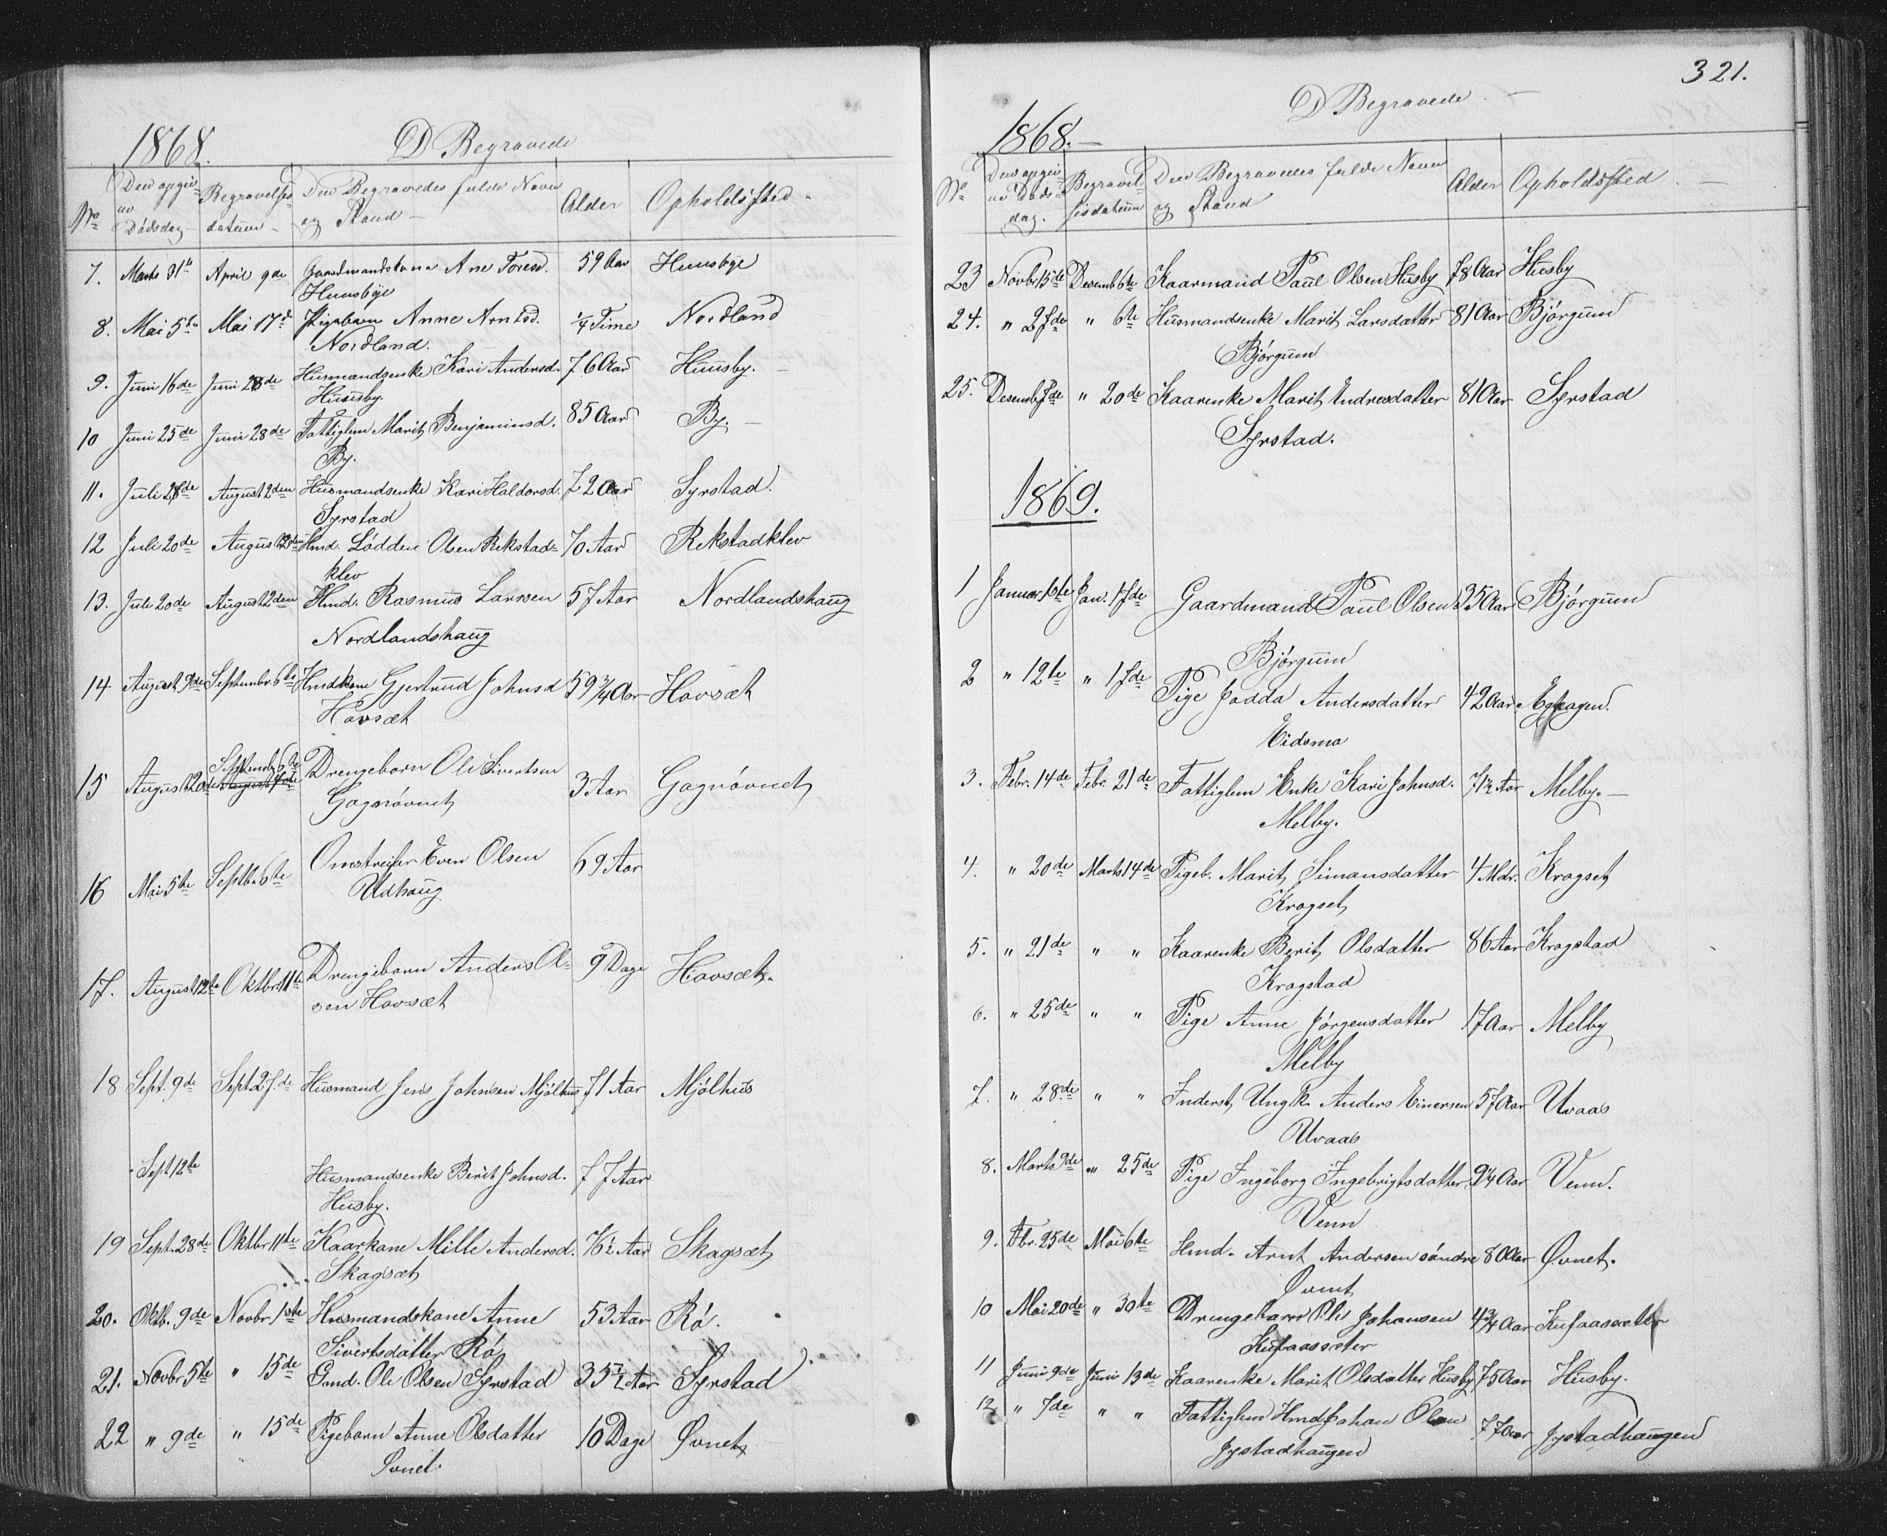 SAT, Ministerialprotokoller, klokkerbøker og fødselsregistre - Sør-Trøndelag, 667/L0798: Klokkerbok nr. 667C03, 1867-1929, s. 321